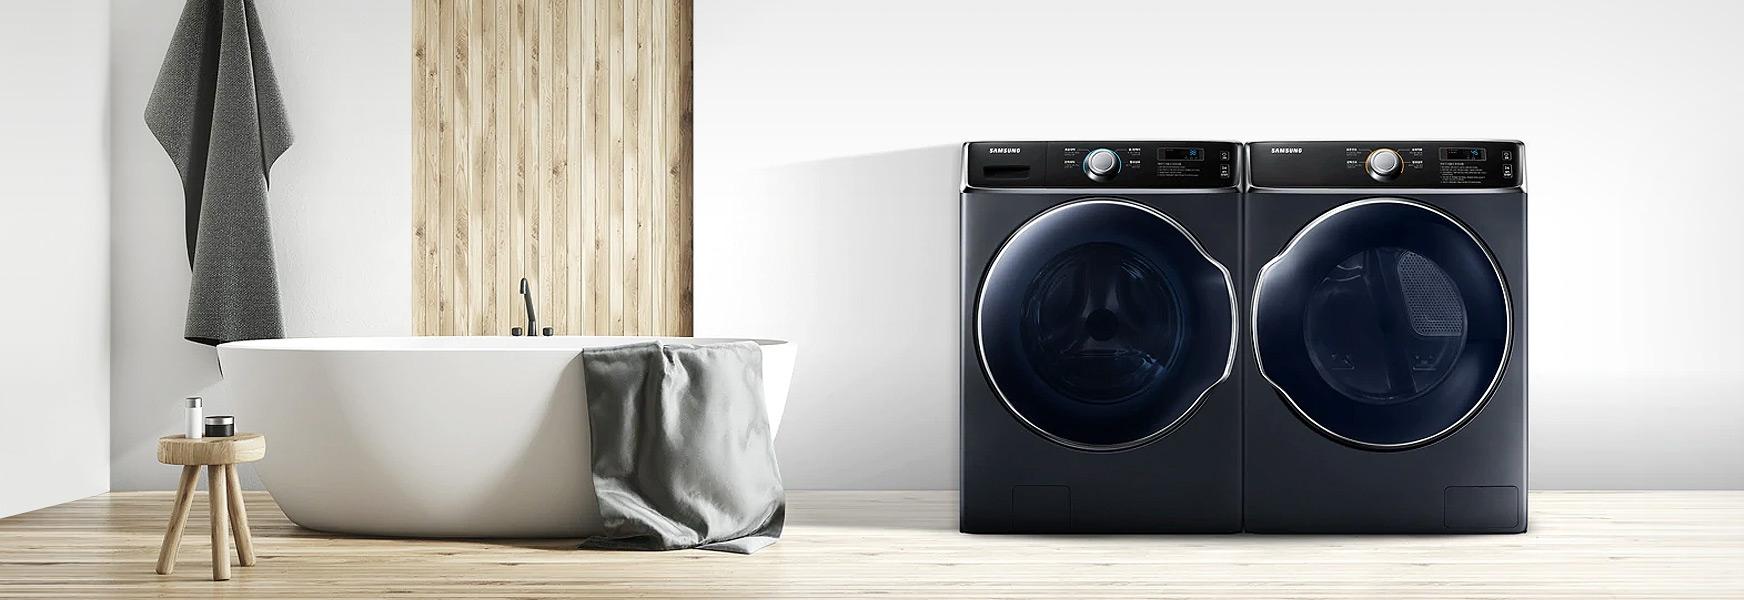 세계적으로 검증된<br /> 세탁장비